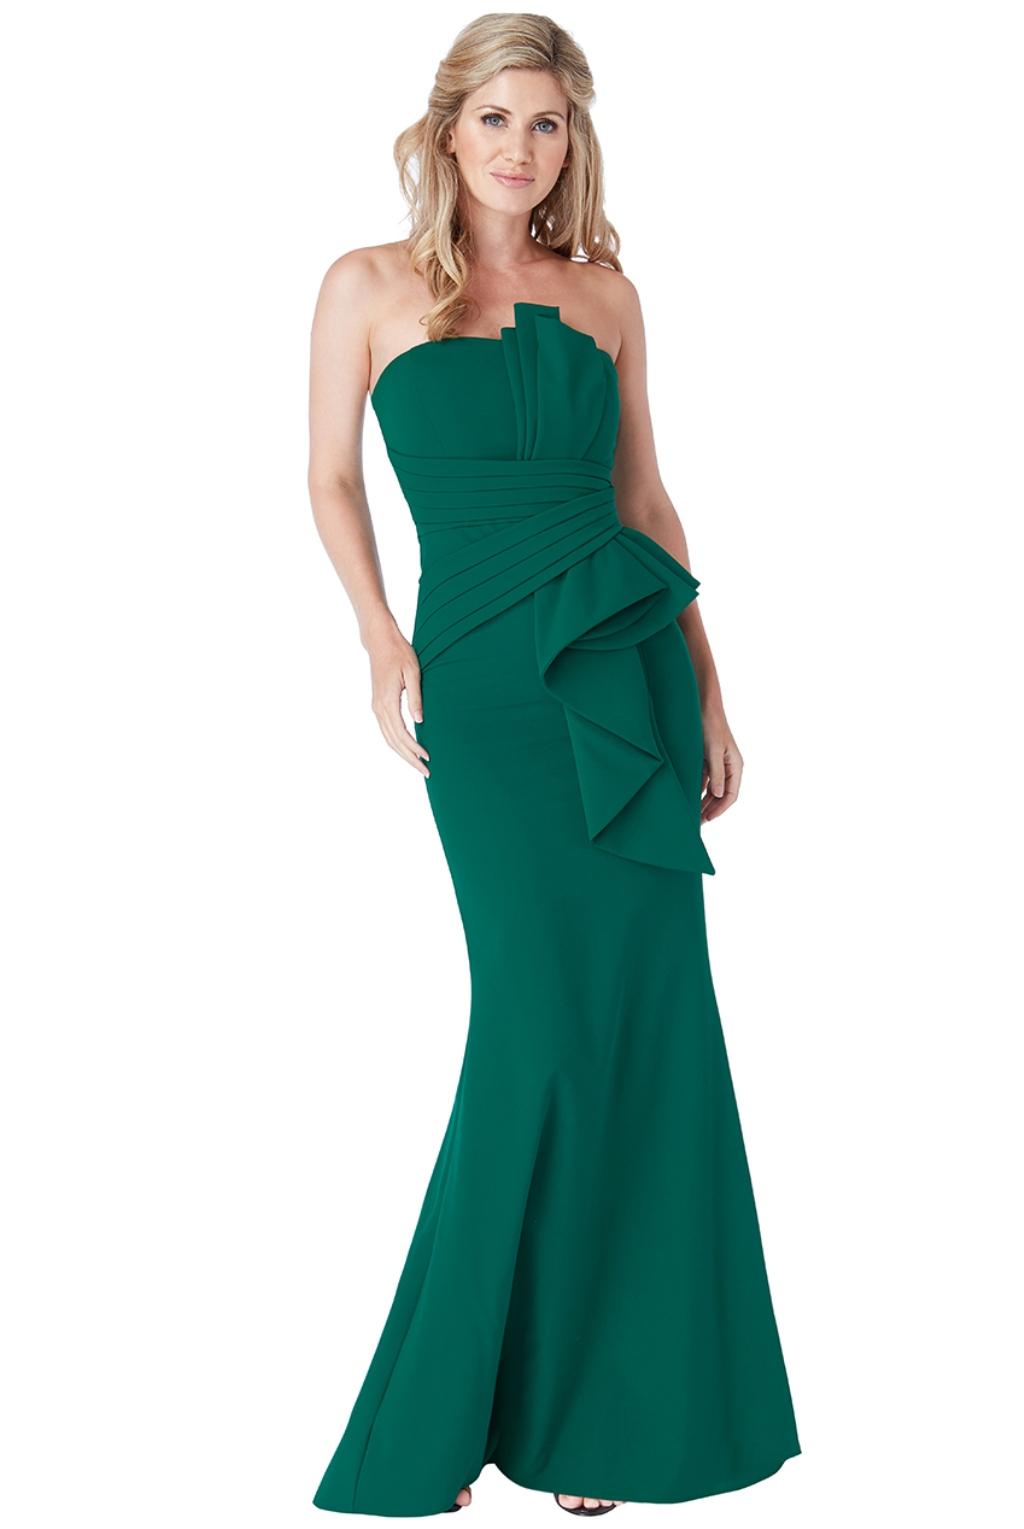 Smaragdové spoločenské šaty Veľkosť: S